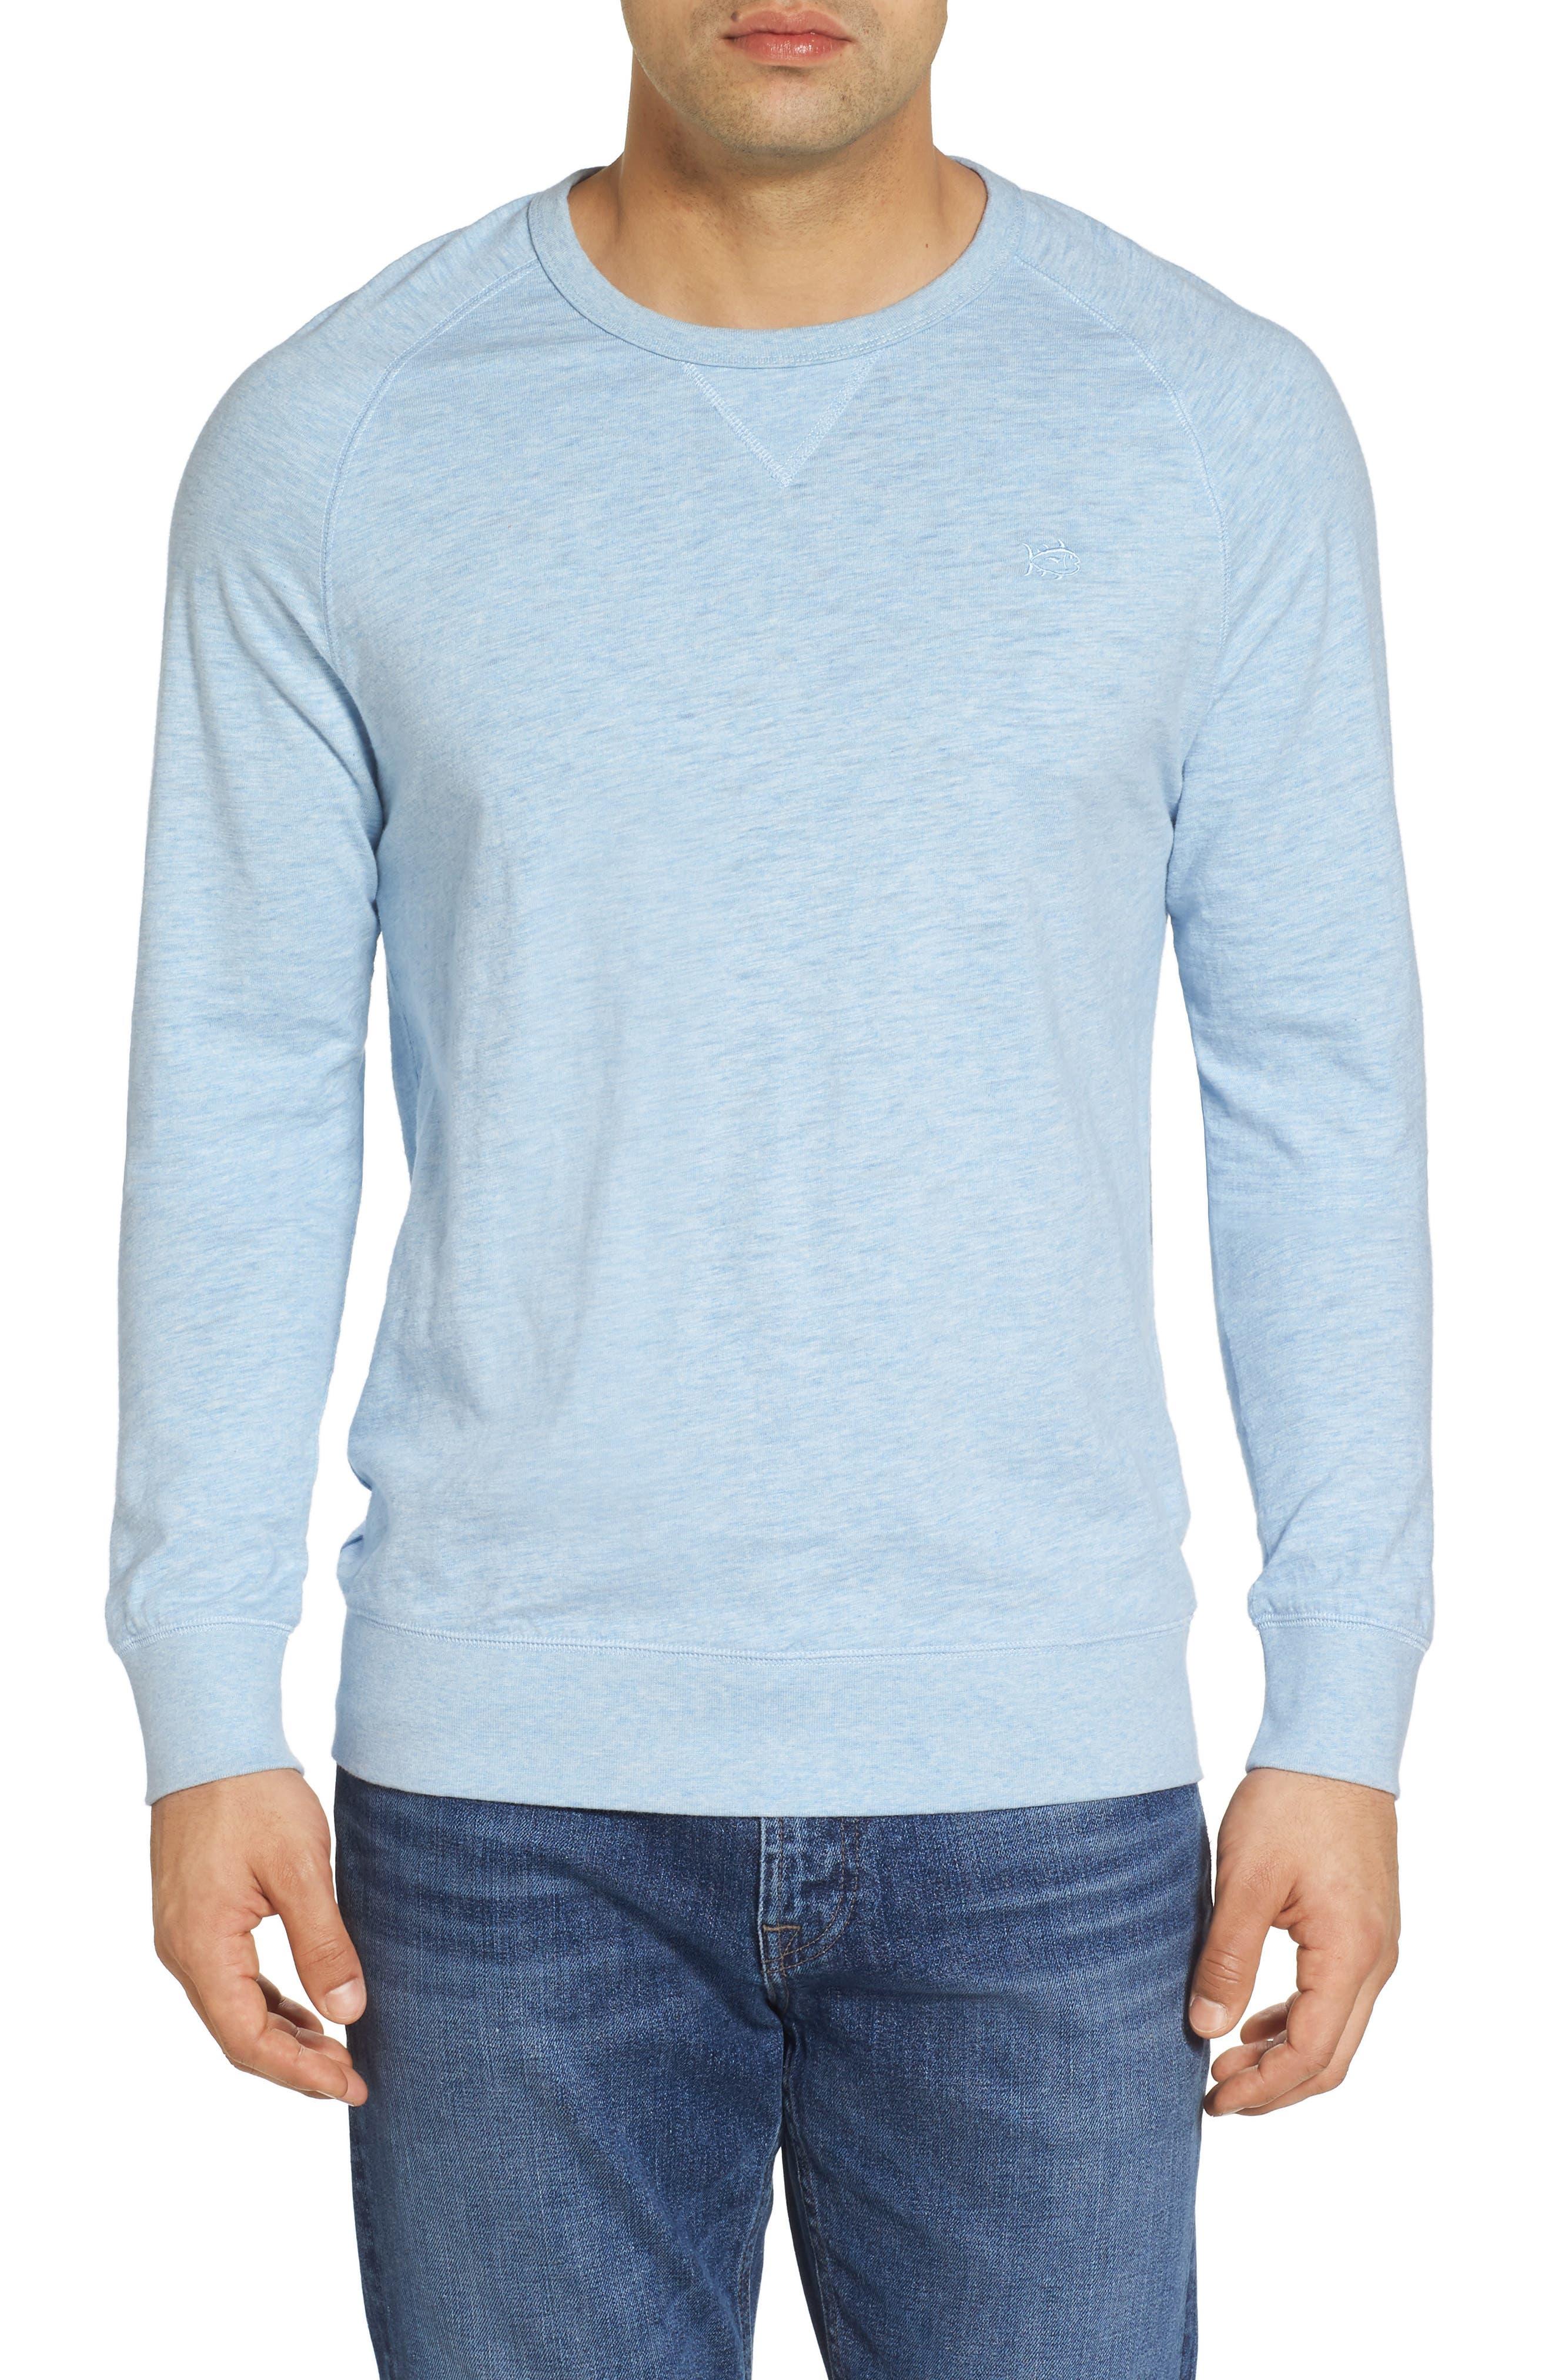 Ocean Course Crewneck Sweatshirt,                         Main,                         color, Sky Blue